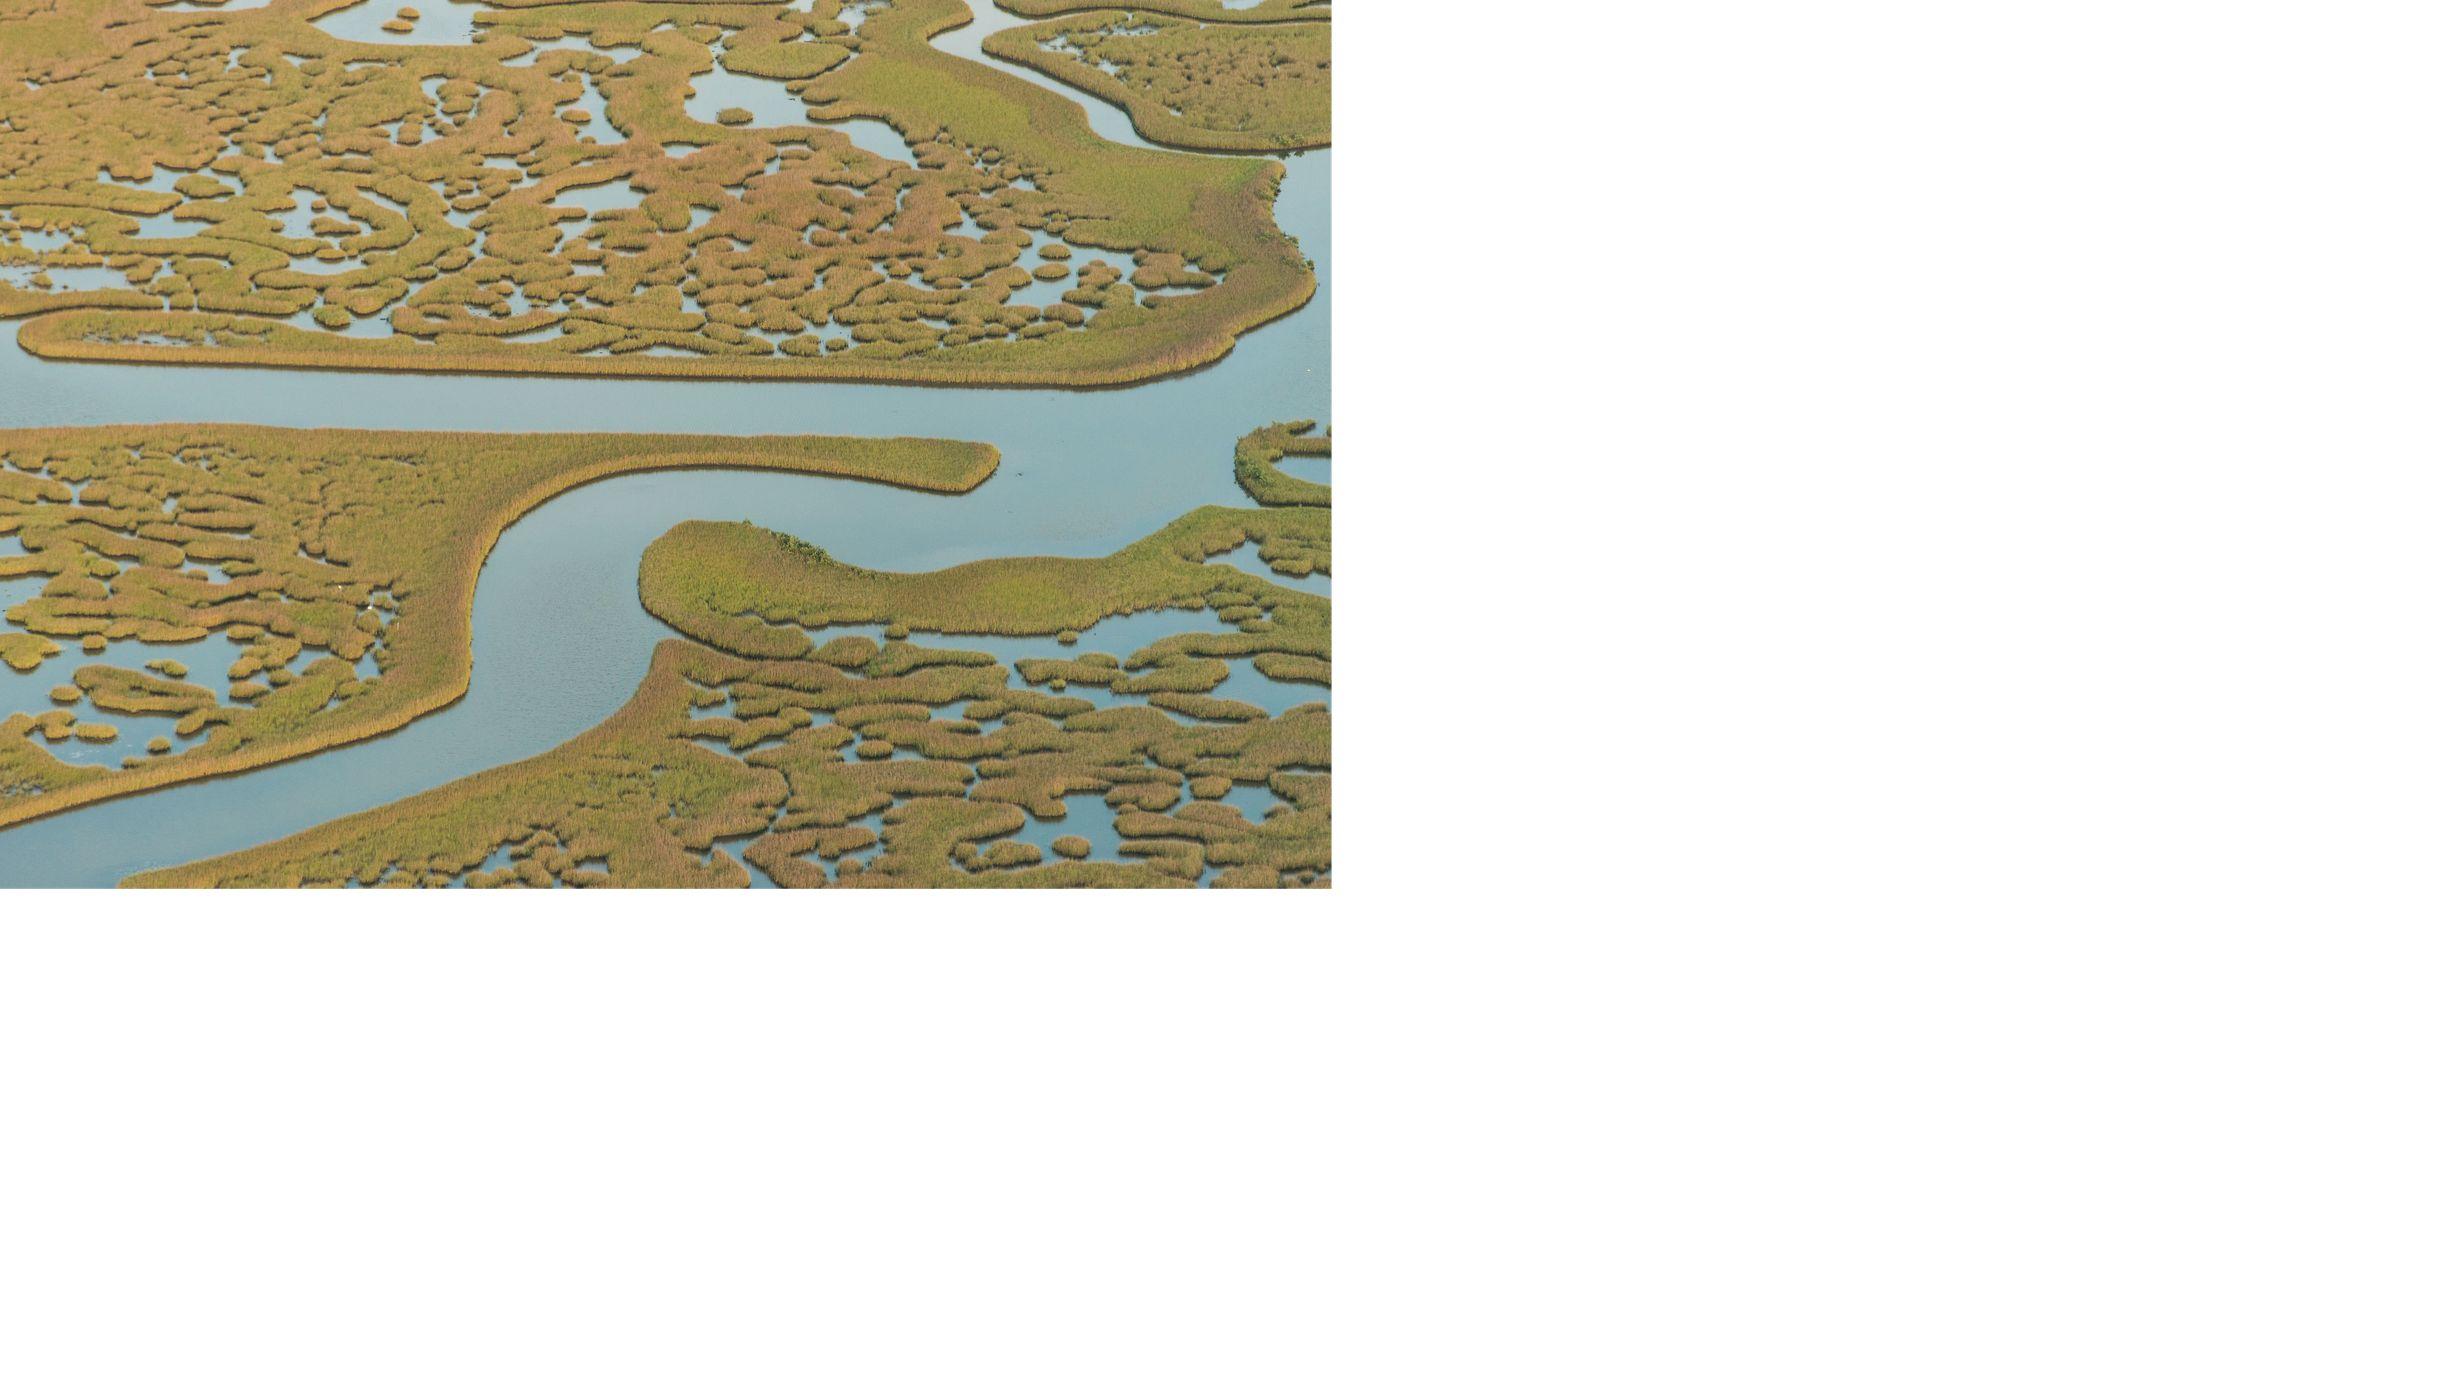 ciudad de méxico, ciudad, fondo de agua, agua